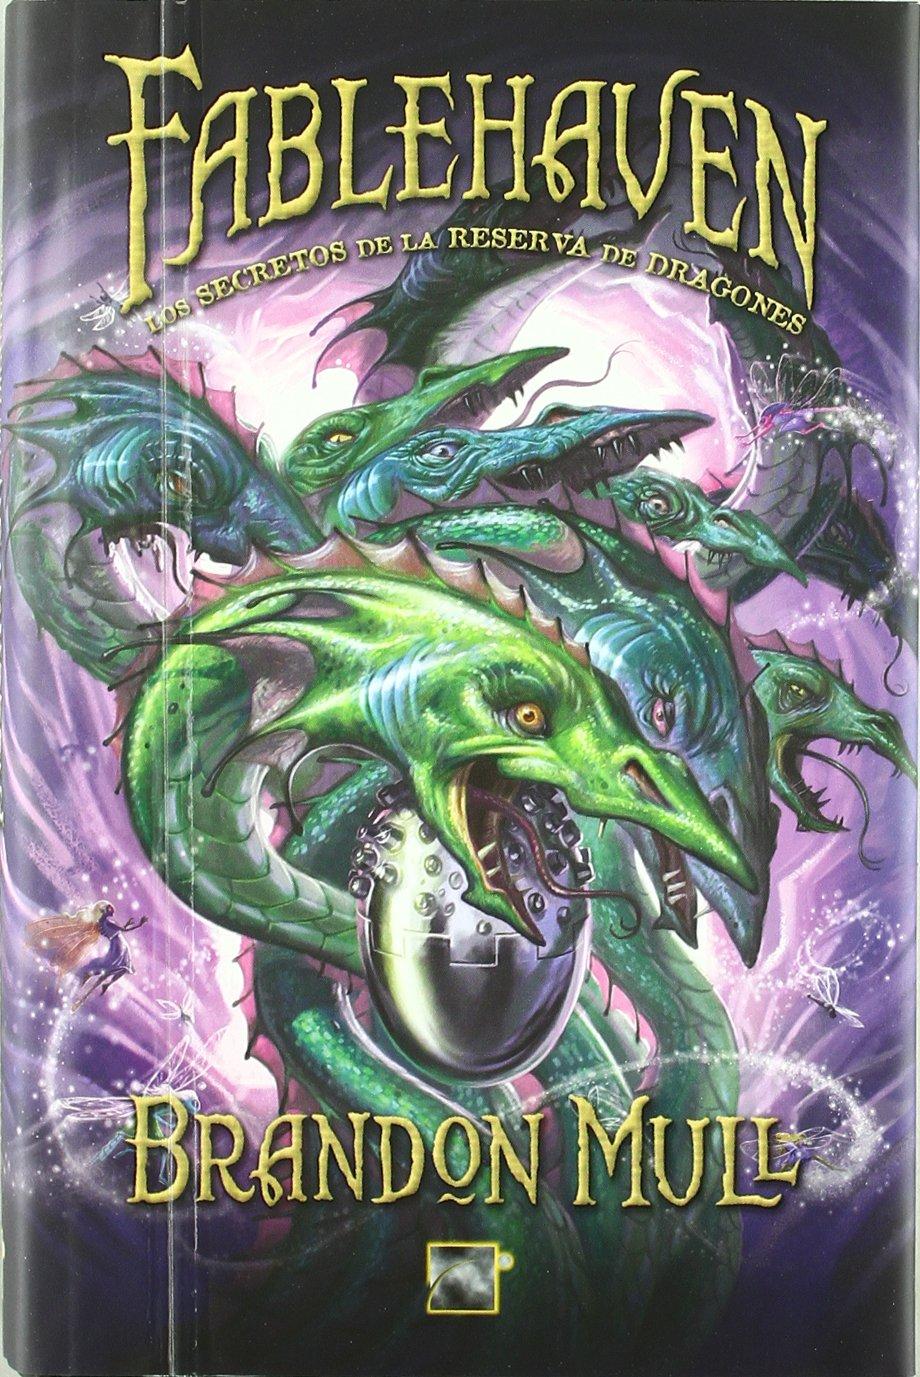 Read Online Fablehaven IV. Los secretos de la reserva de dragones (Spanish Edition) PDF